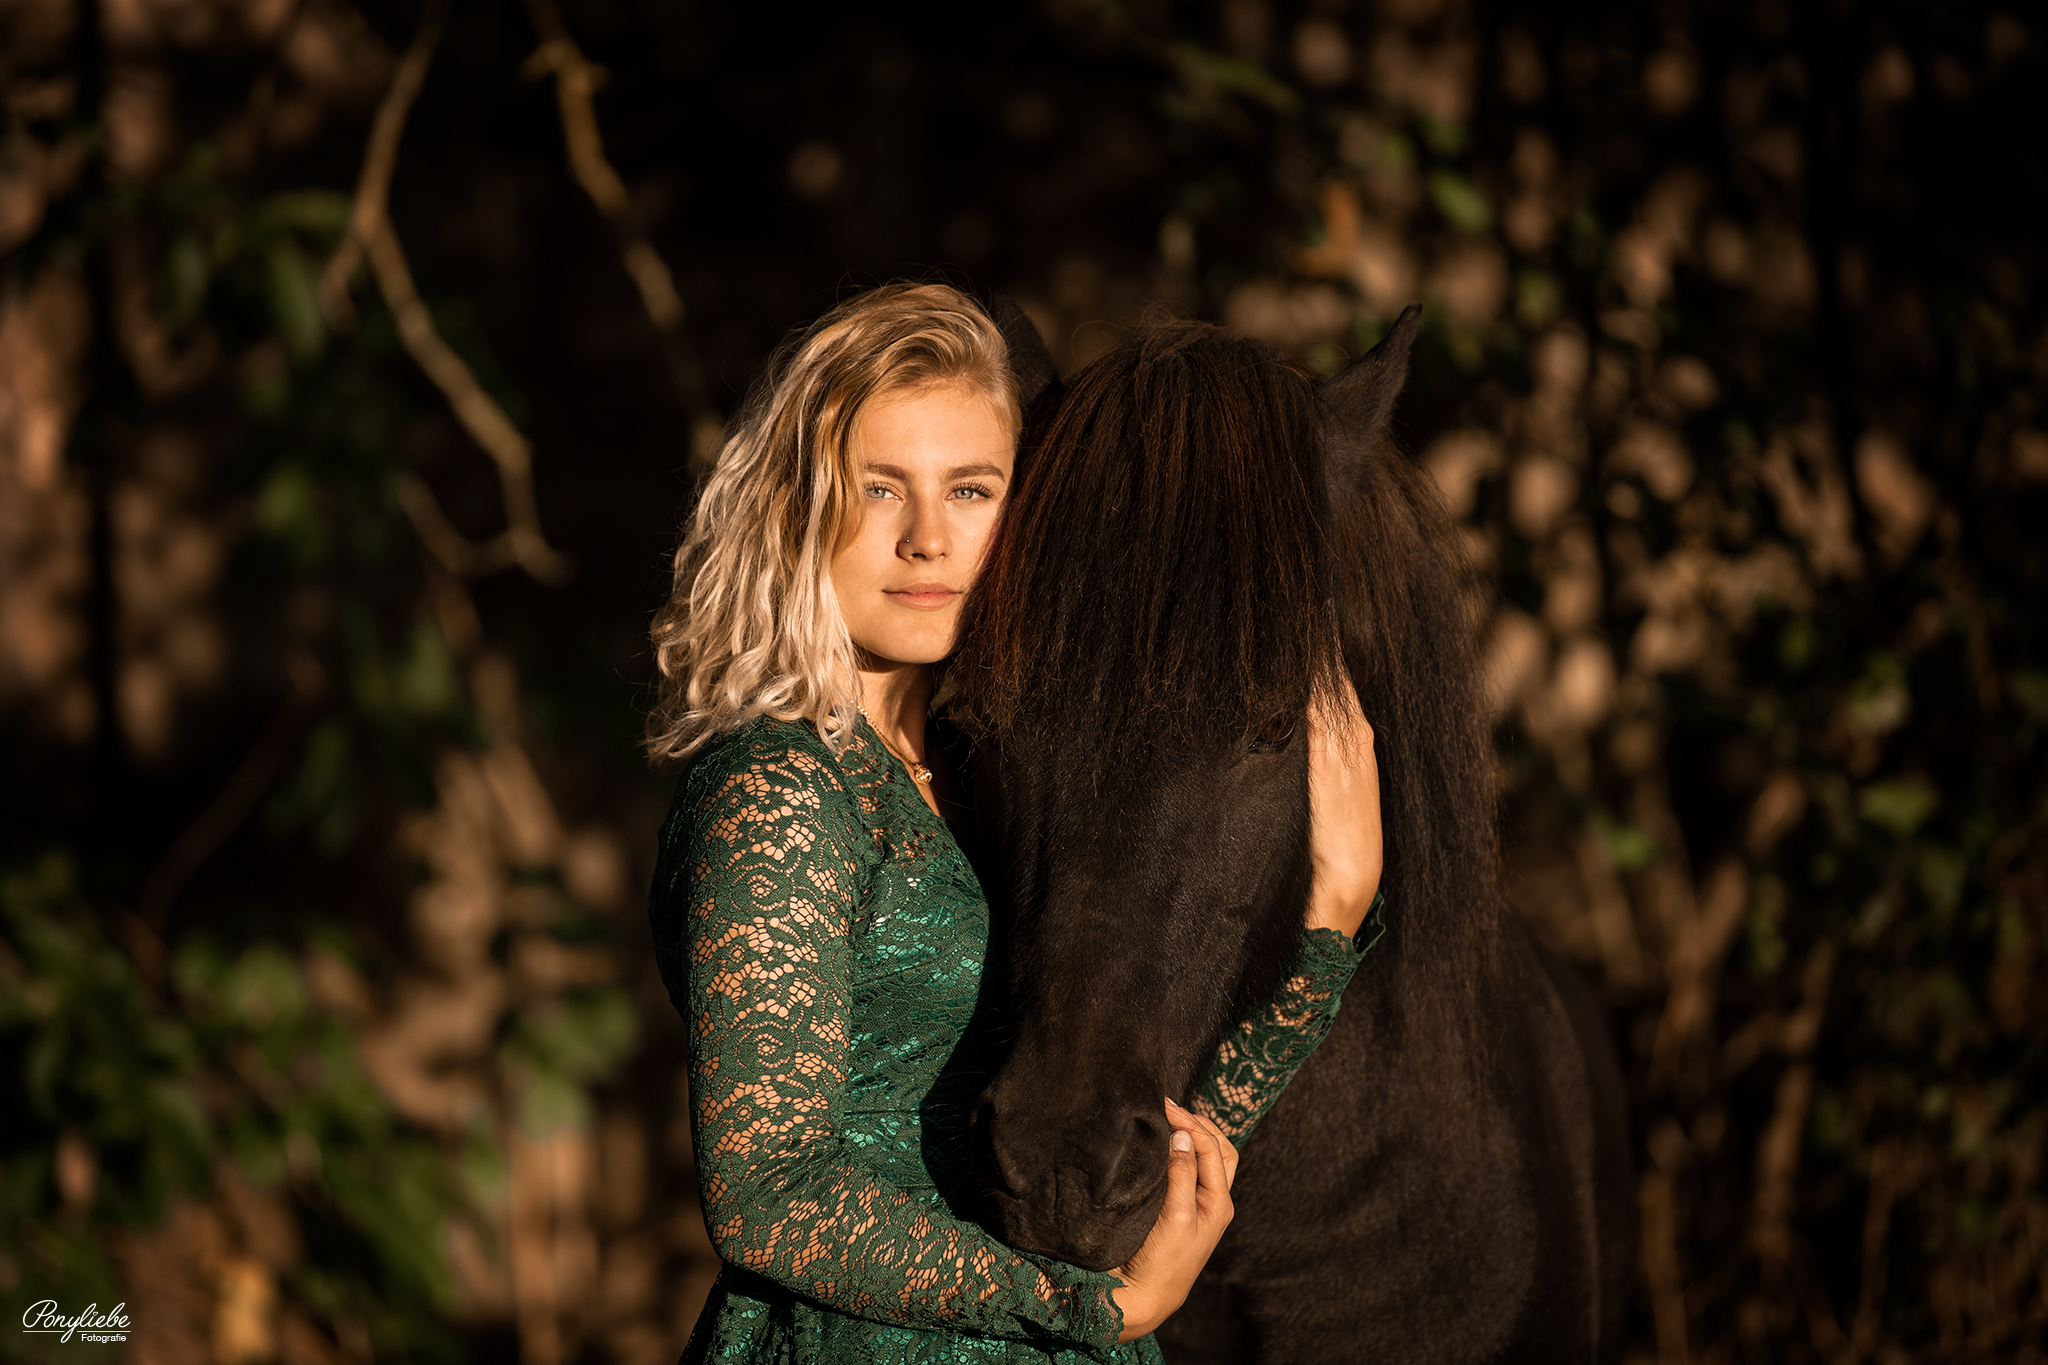 Junge blonde Frau in grünem Kleid mit ihrem Isländer